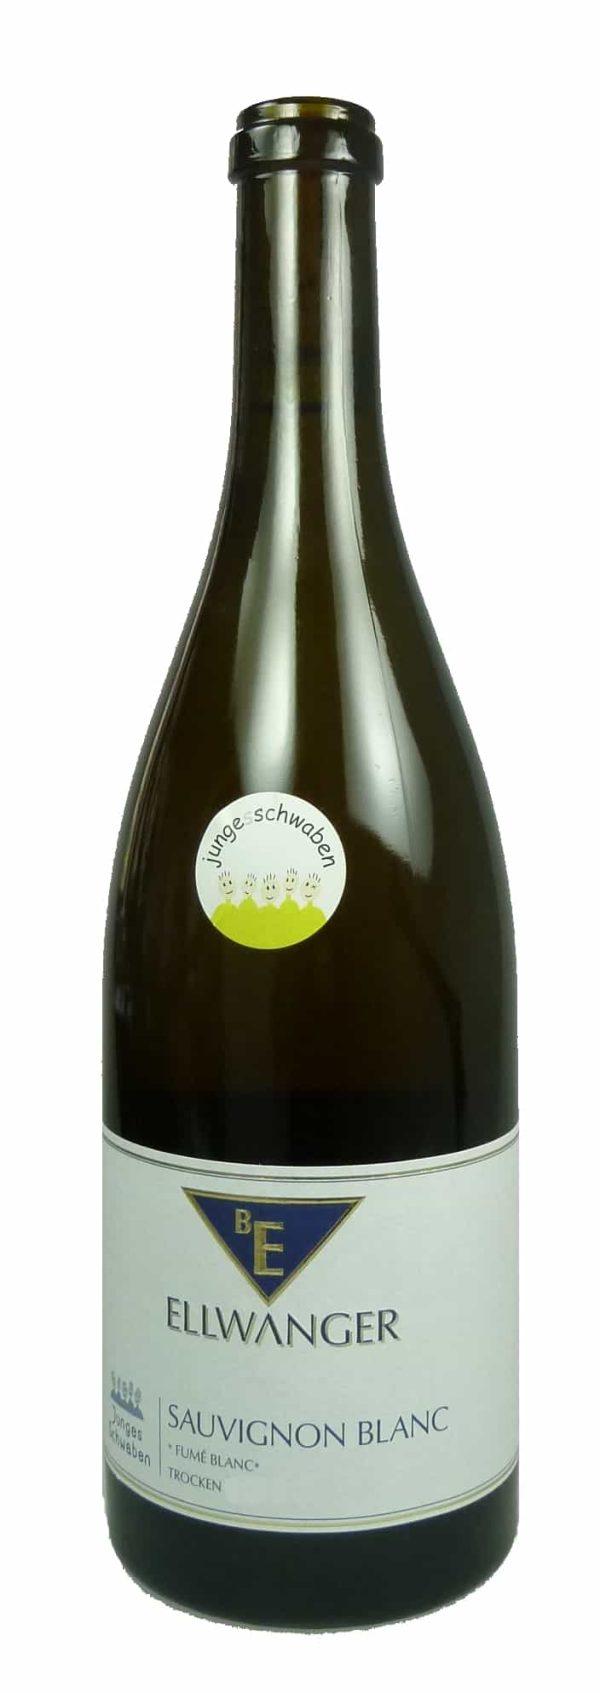 Junges Schwaben Fumé blanc Sauvignon blanc Qualitätswein trocken 2017